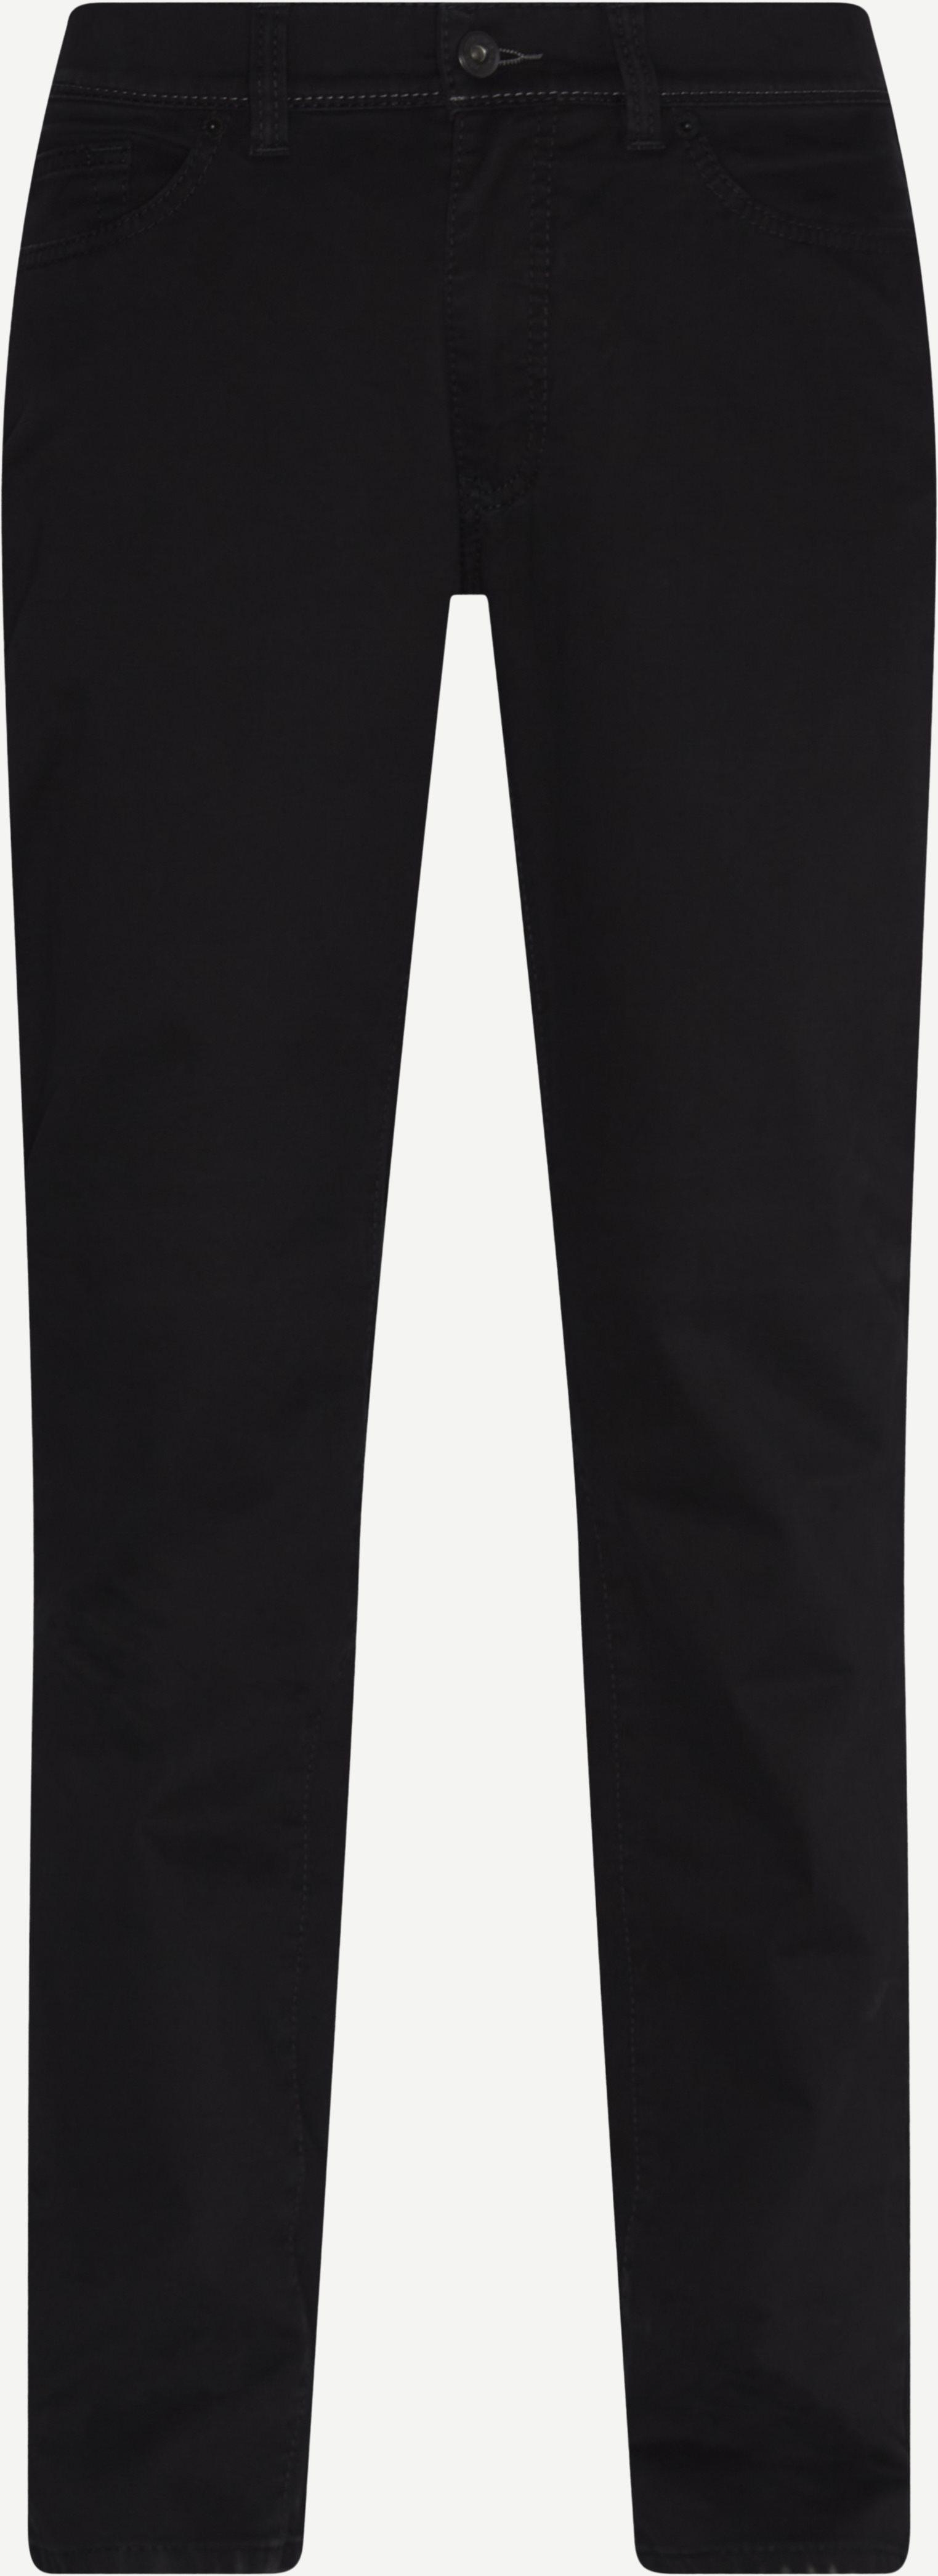 Jeans - Straight fit - Schwarz